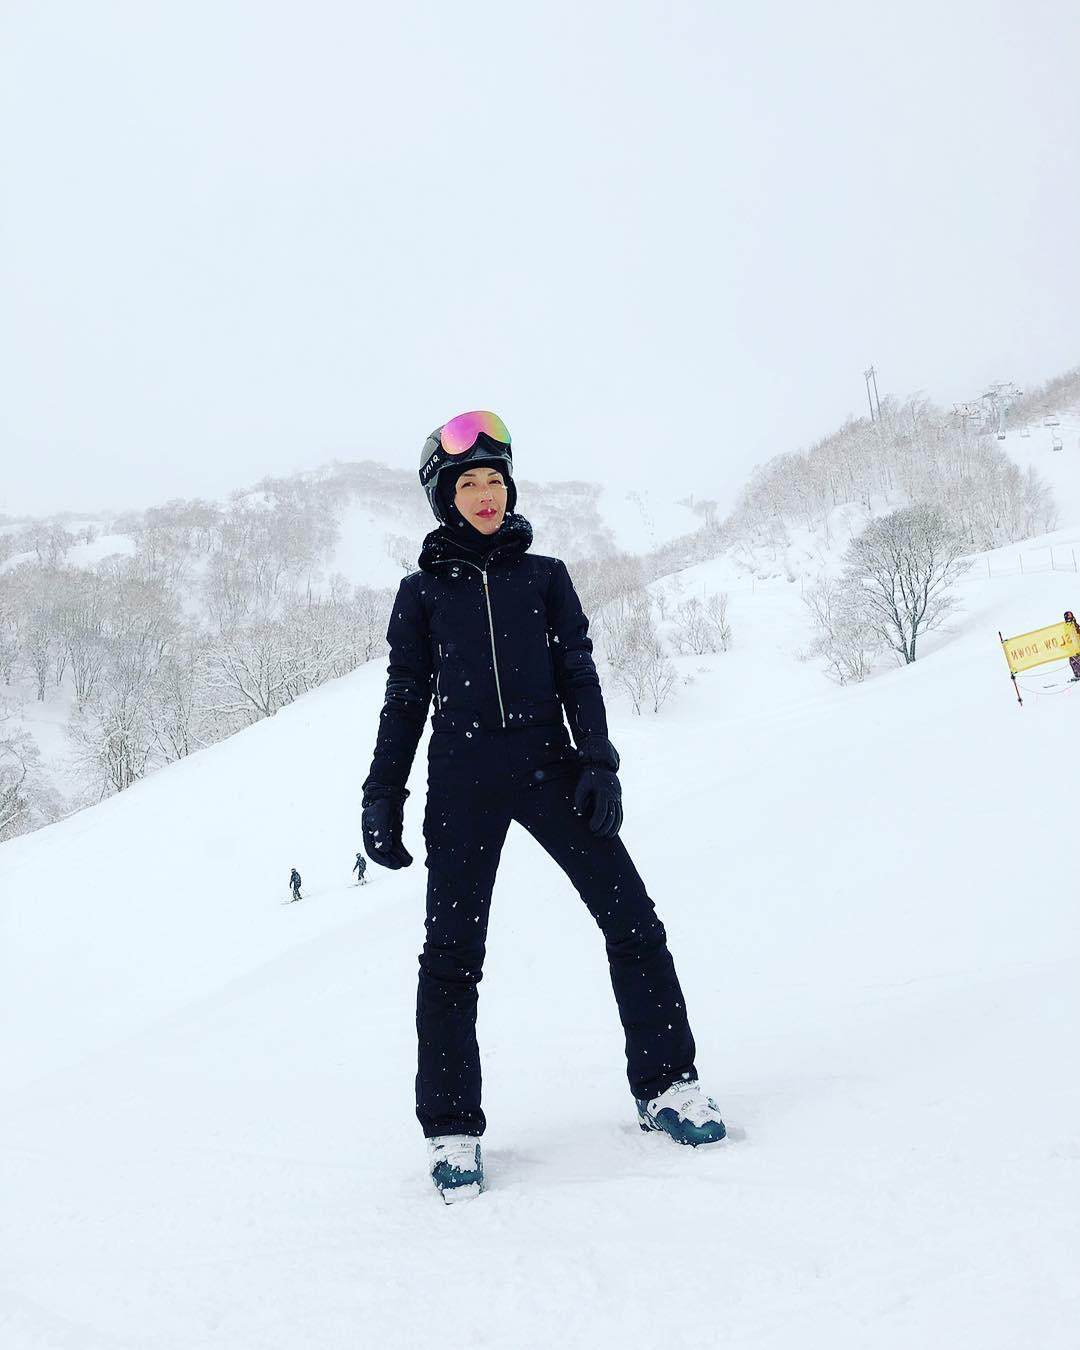 千嬅第一次滑雪,即表示「真的愛上了」。楊千嬅IG